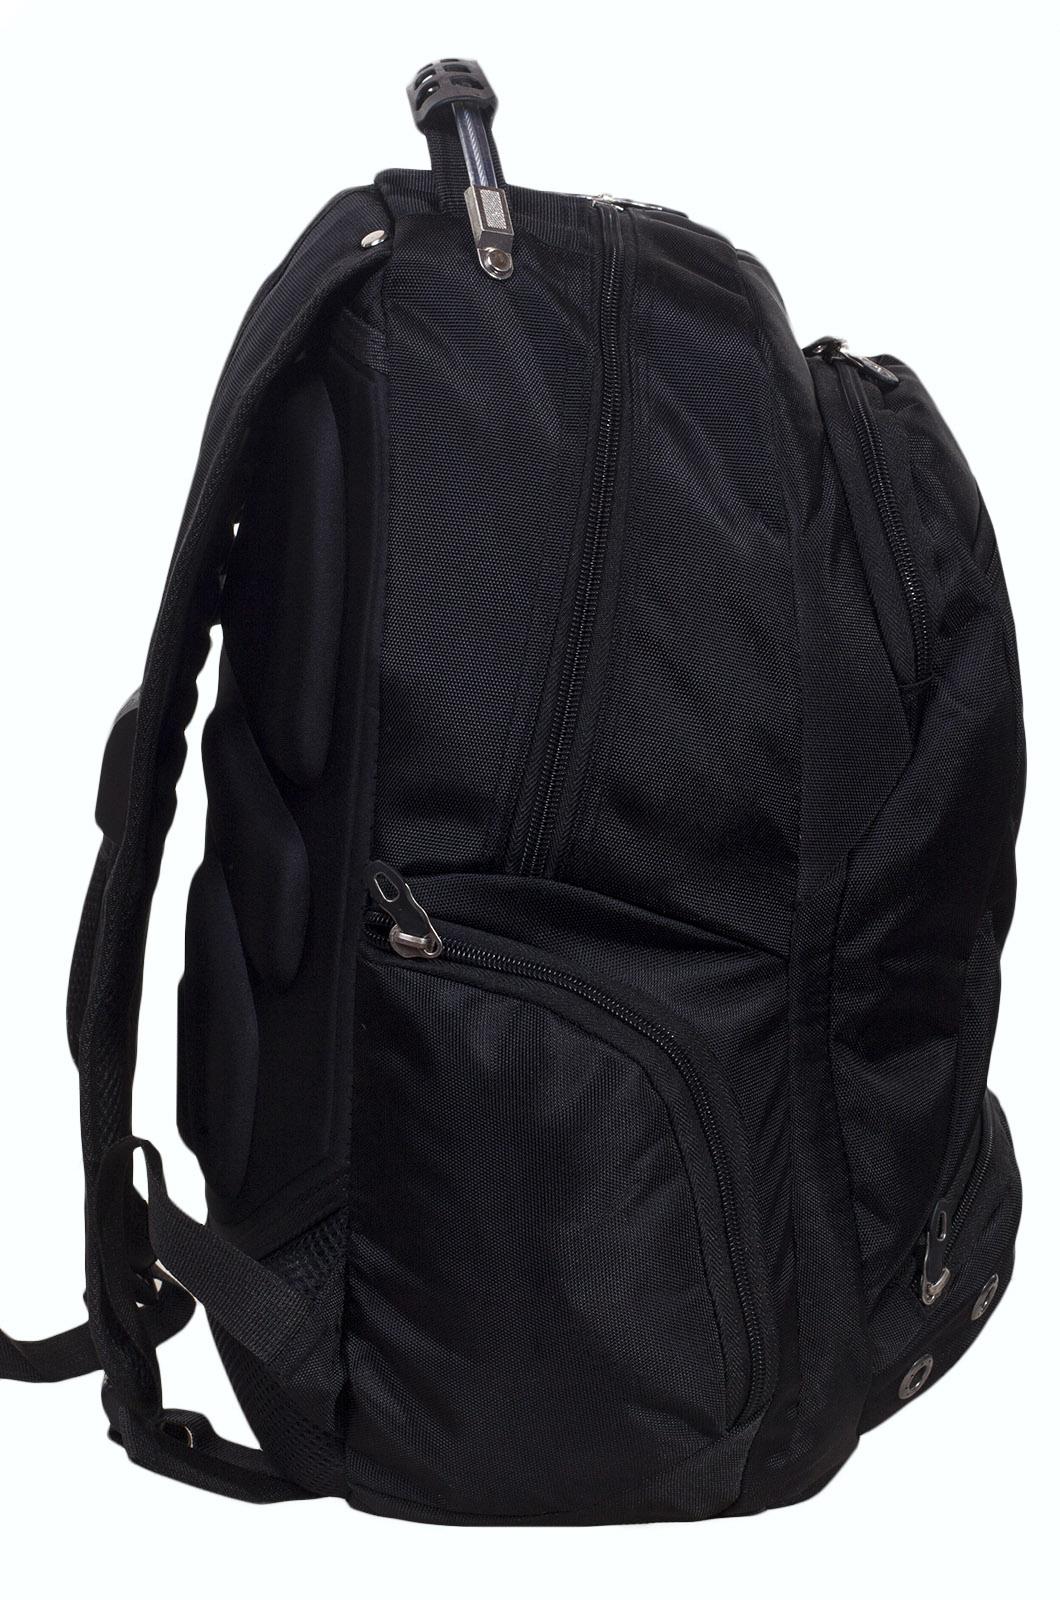 Заказать черный рюкзак с нашивкой лучшего рыбака